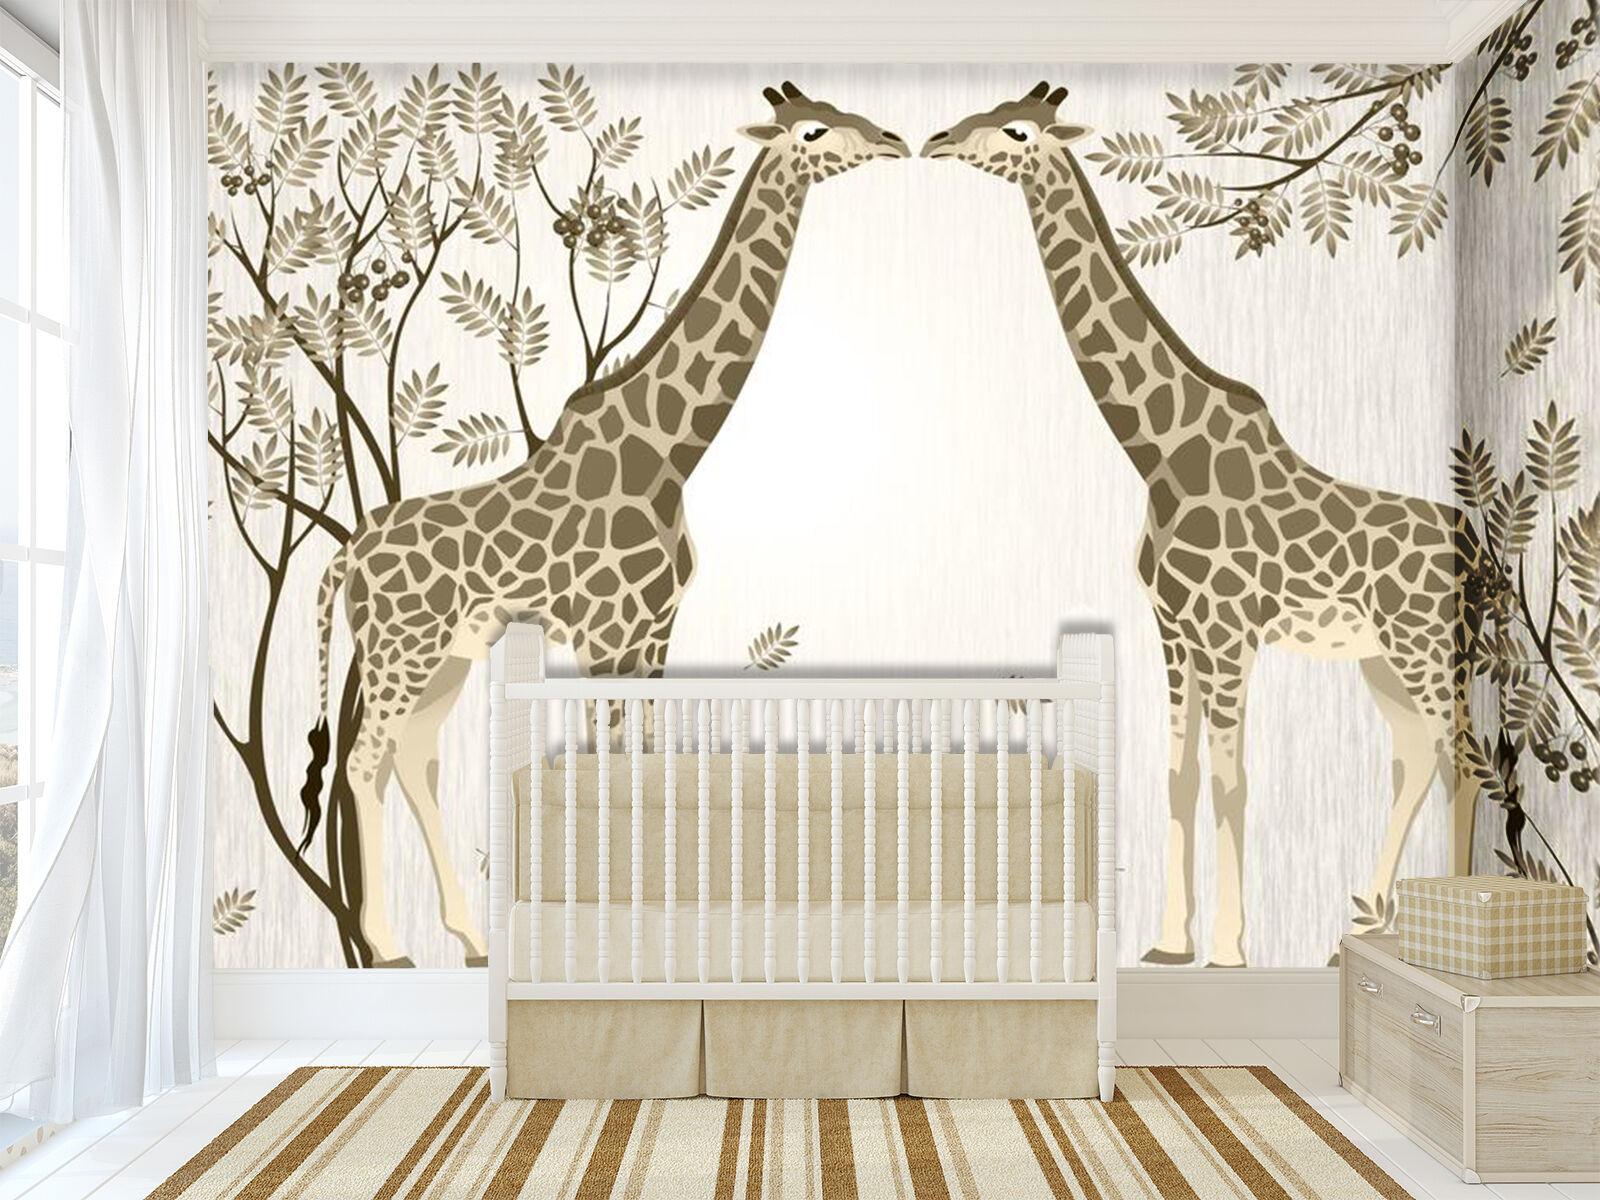 3D Simple Giraffe Tree 203 Wall Paper Wall Print Decal Wall AJ WALLPAPER CA